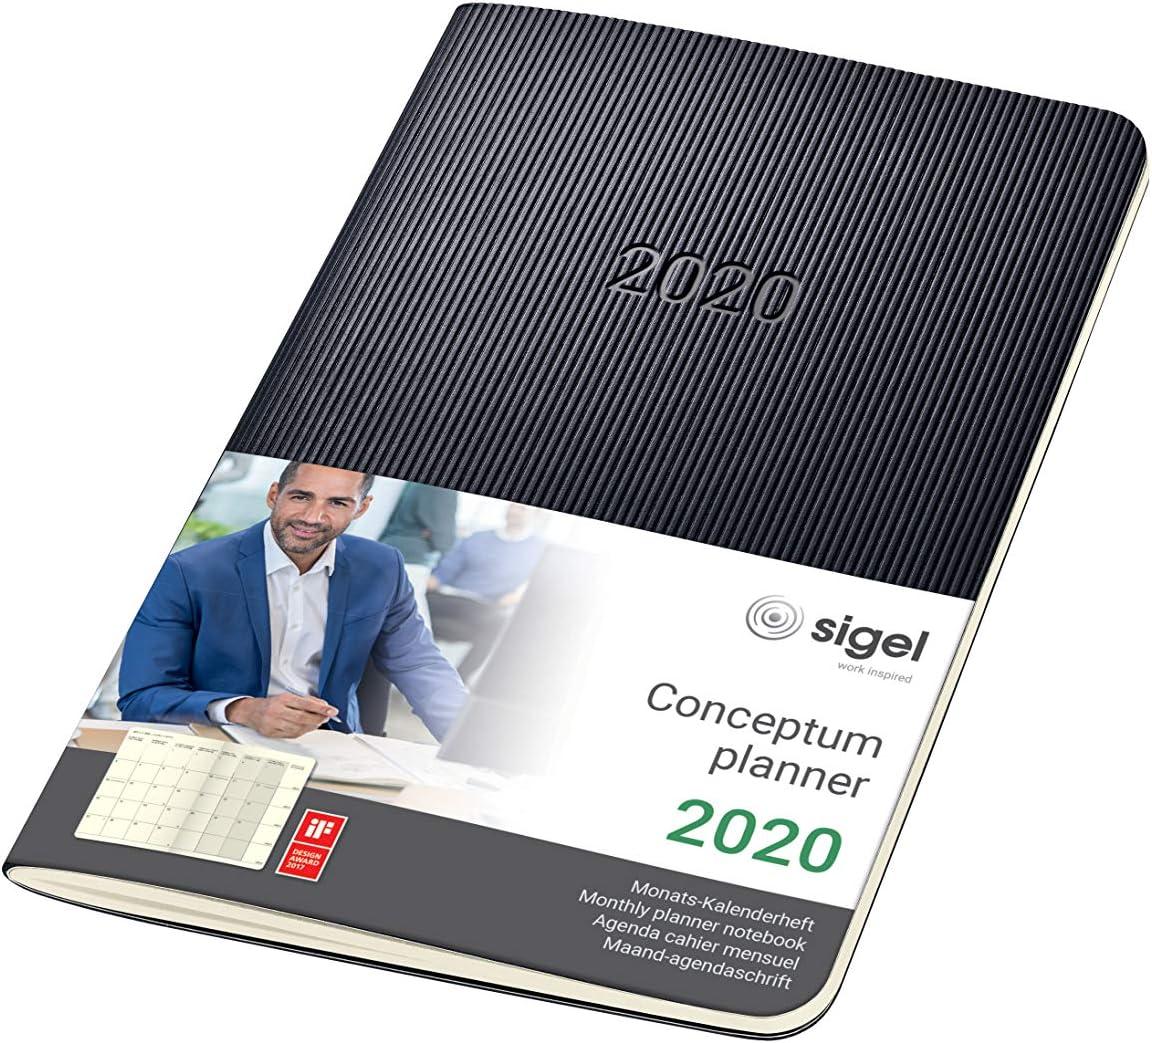 Kalender schwarz Planer Sigel Terminkalender 2020 Conceptum C2004 Hardcover A4